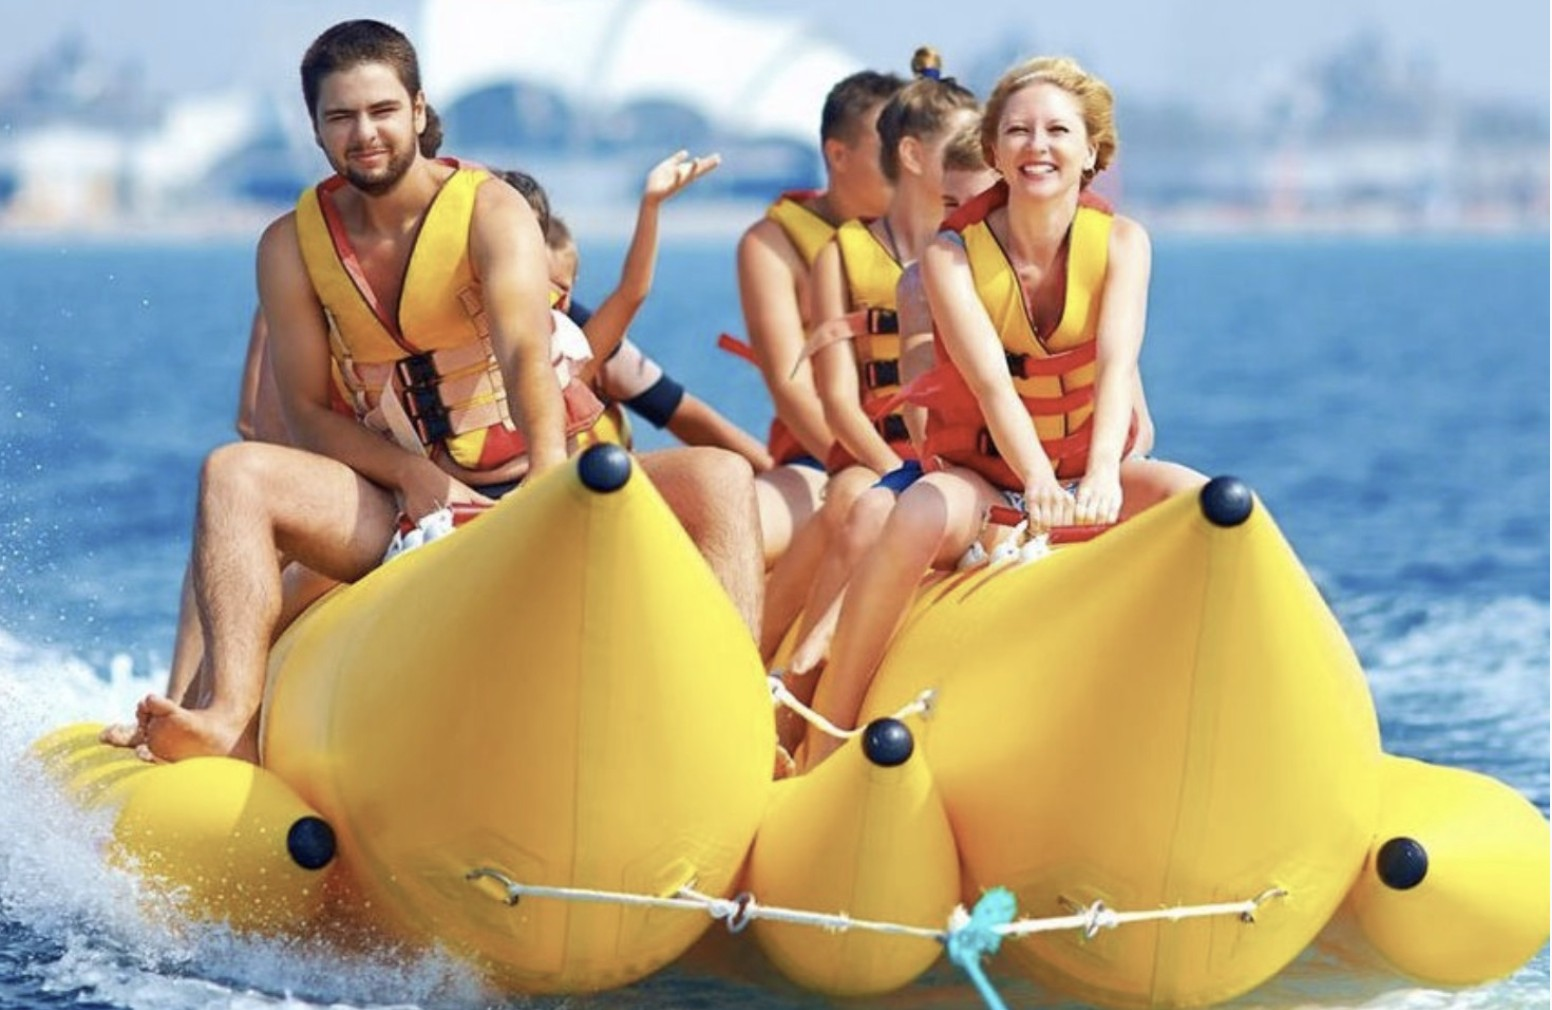 Ride Banana Boat